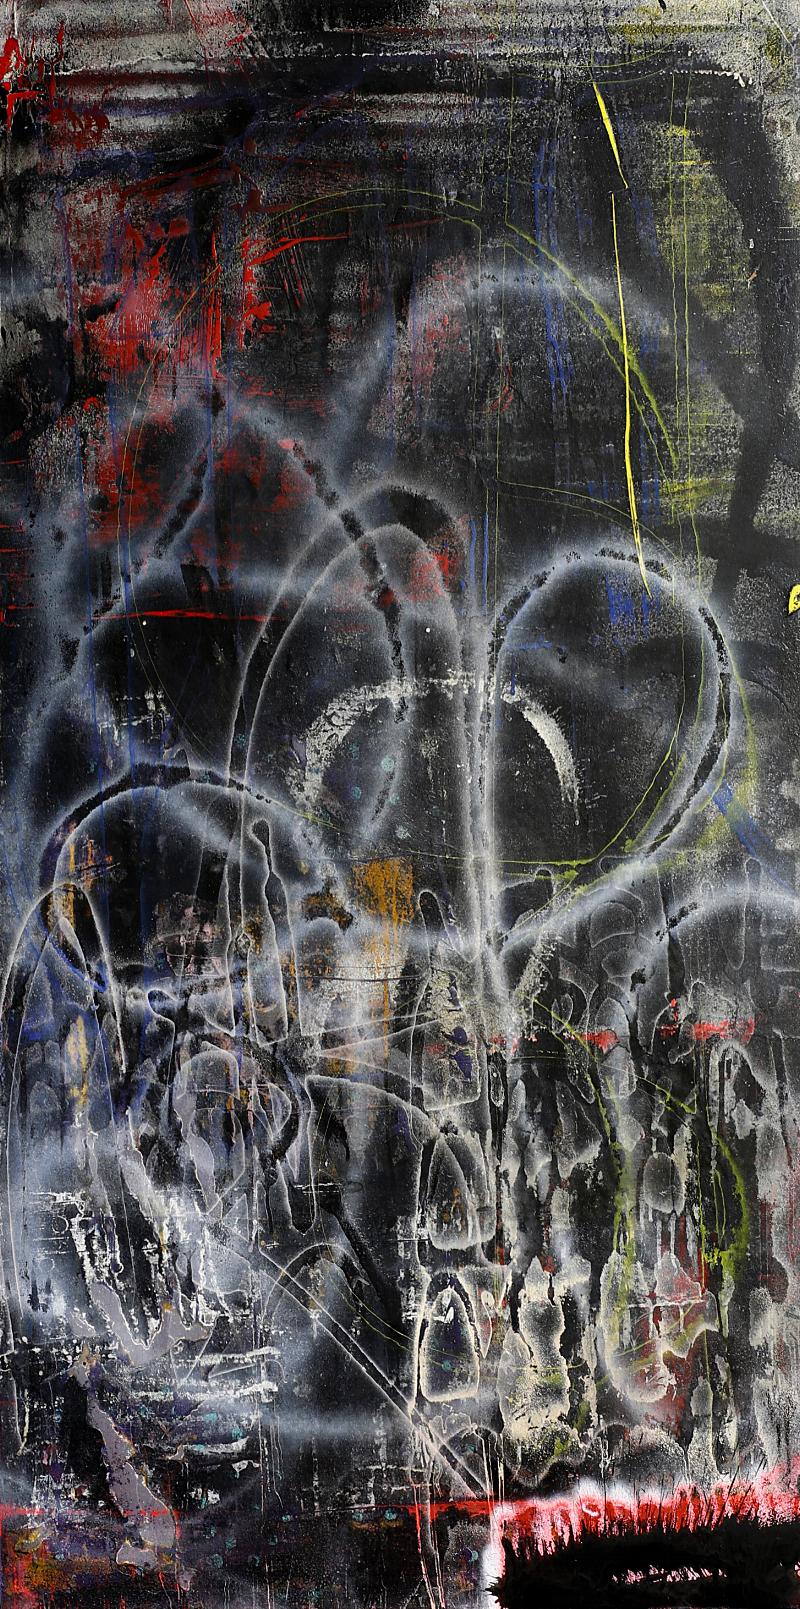 Zeser-Coefficients_Acrylique et aérosol sur toile - 152 x 76 cm - 2018.jpg